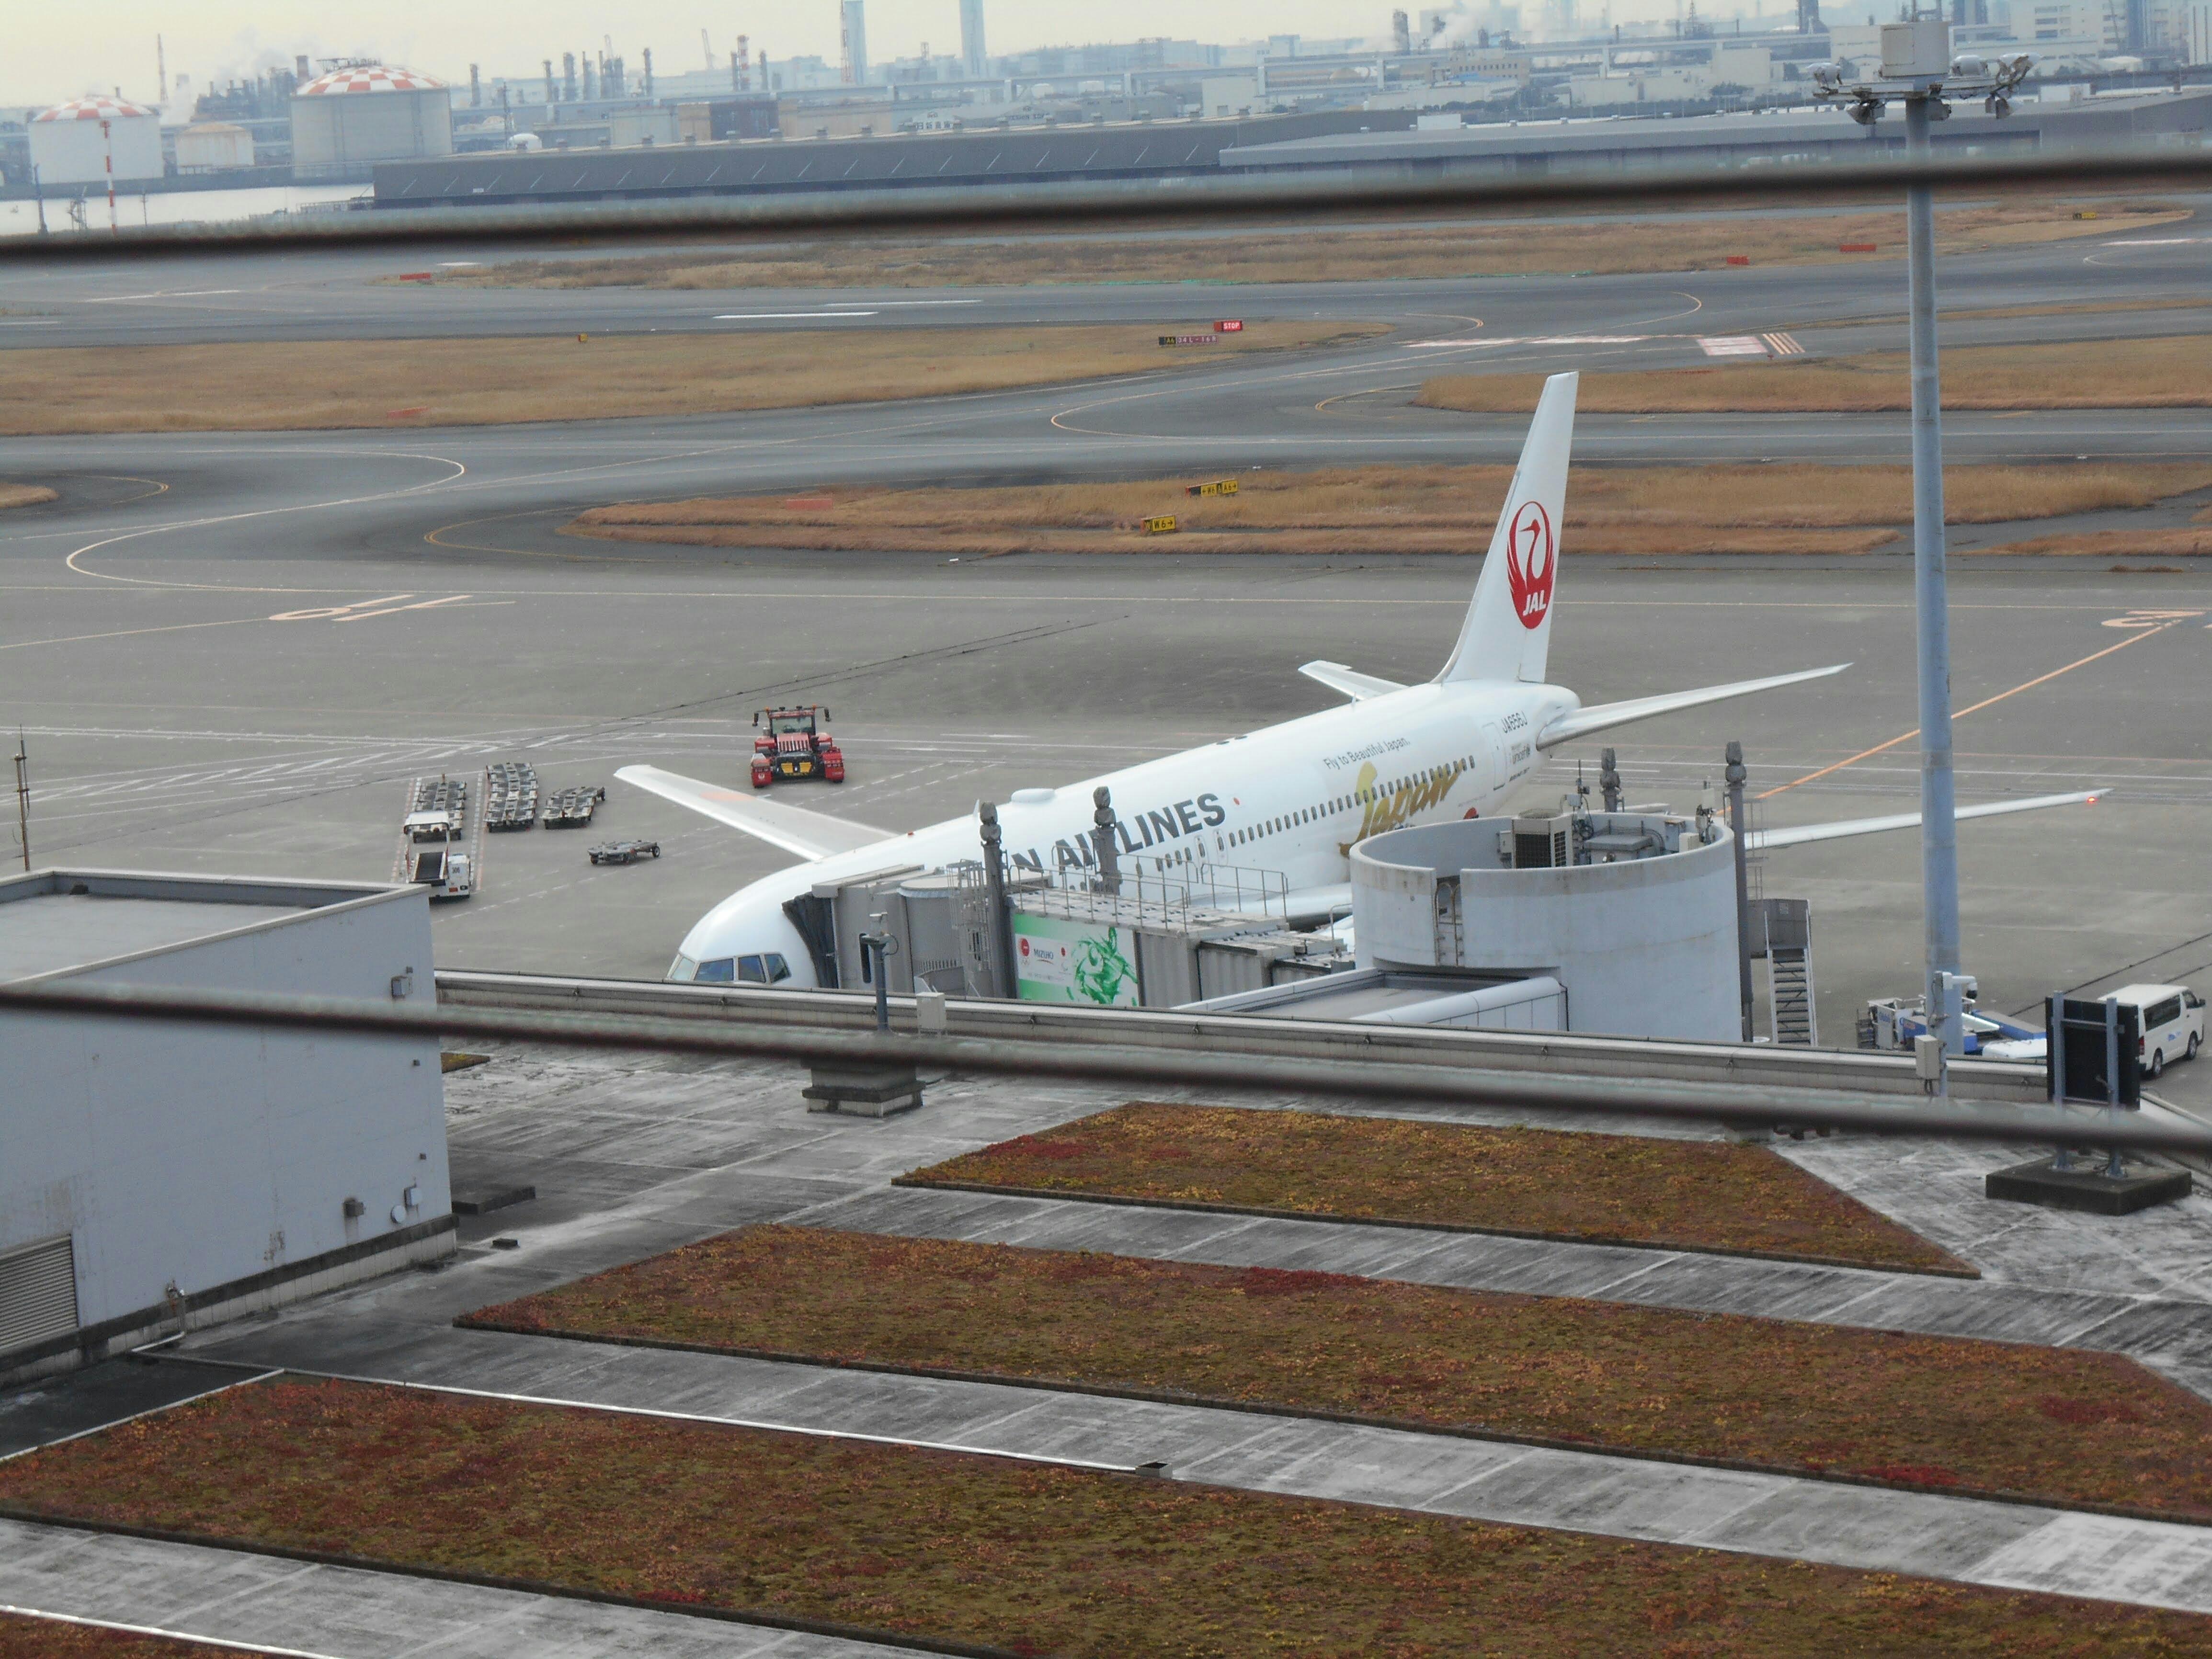 f:id:A350-900:20210110215143j:image